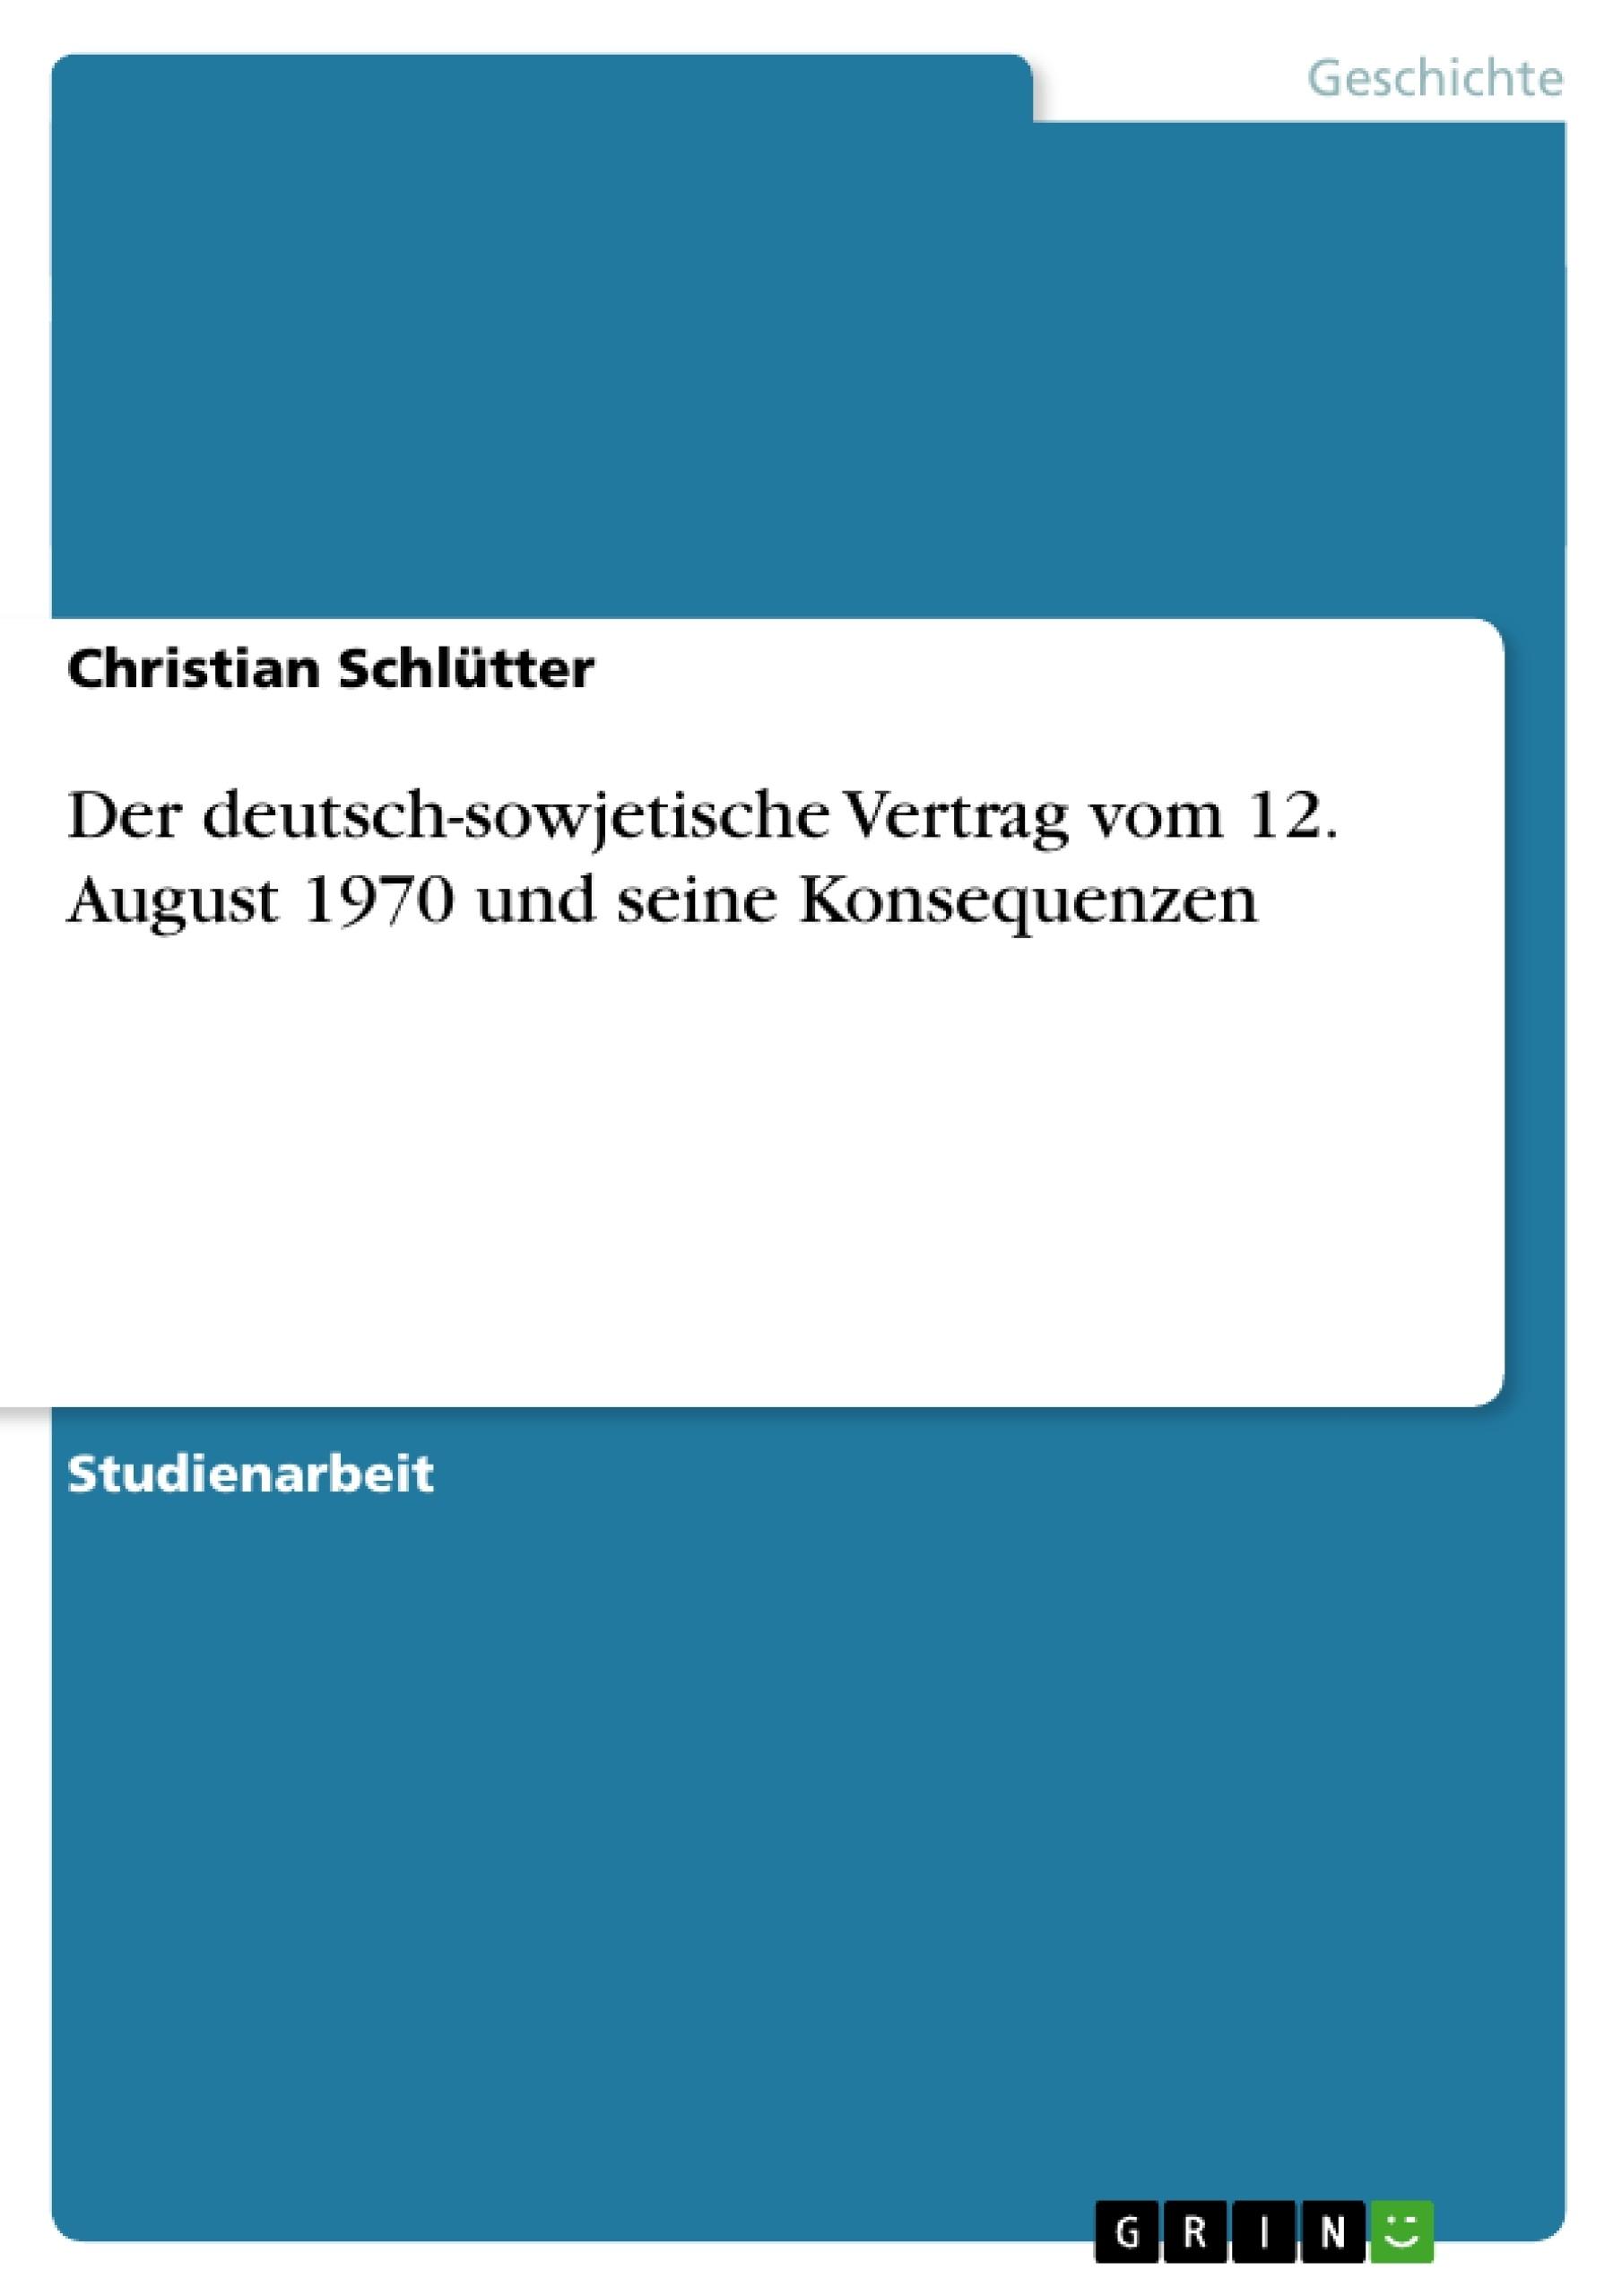 Titel: Der deutsch-sowjetische Vertrag vom 12. August 1970 und seine Konsequenzen